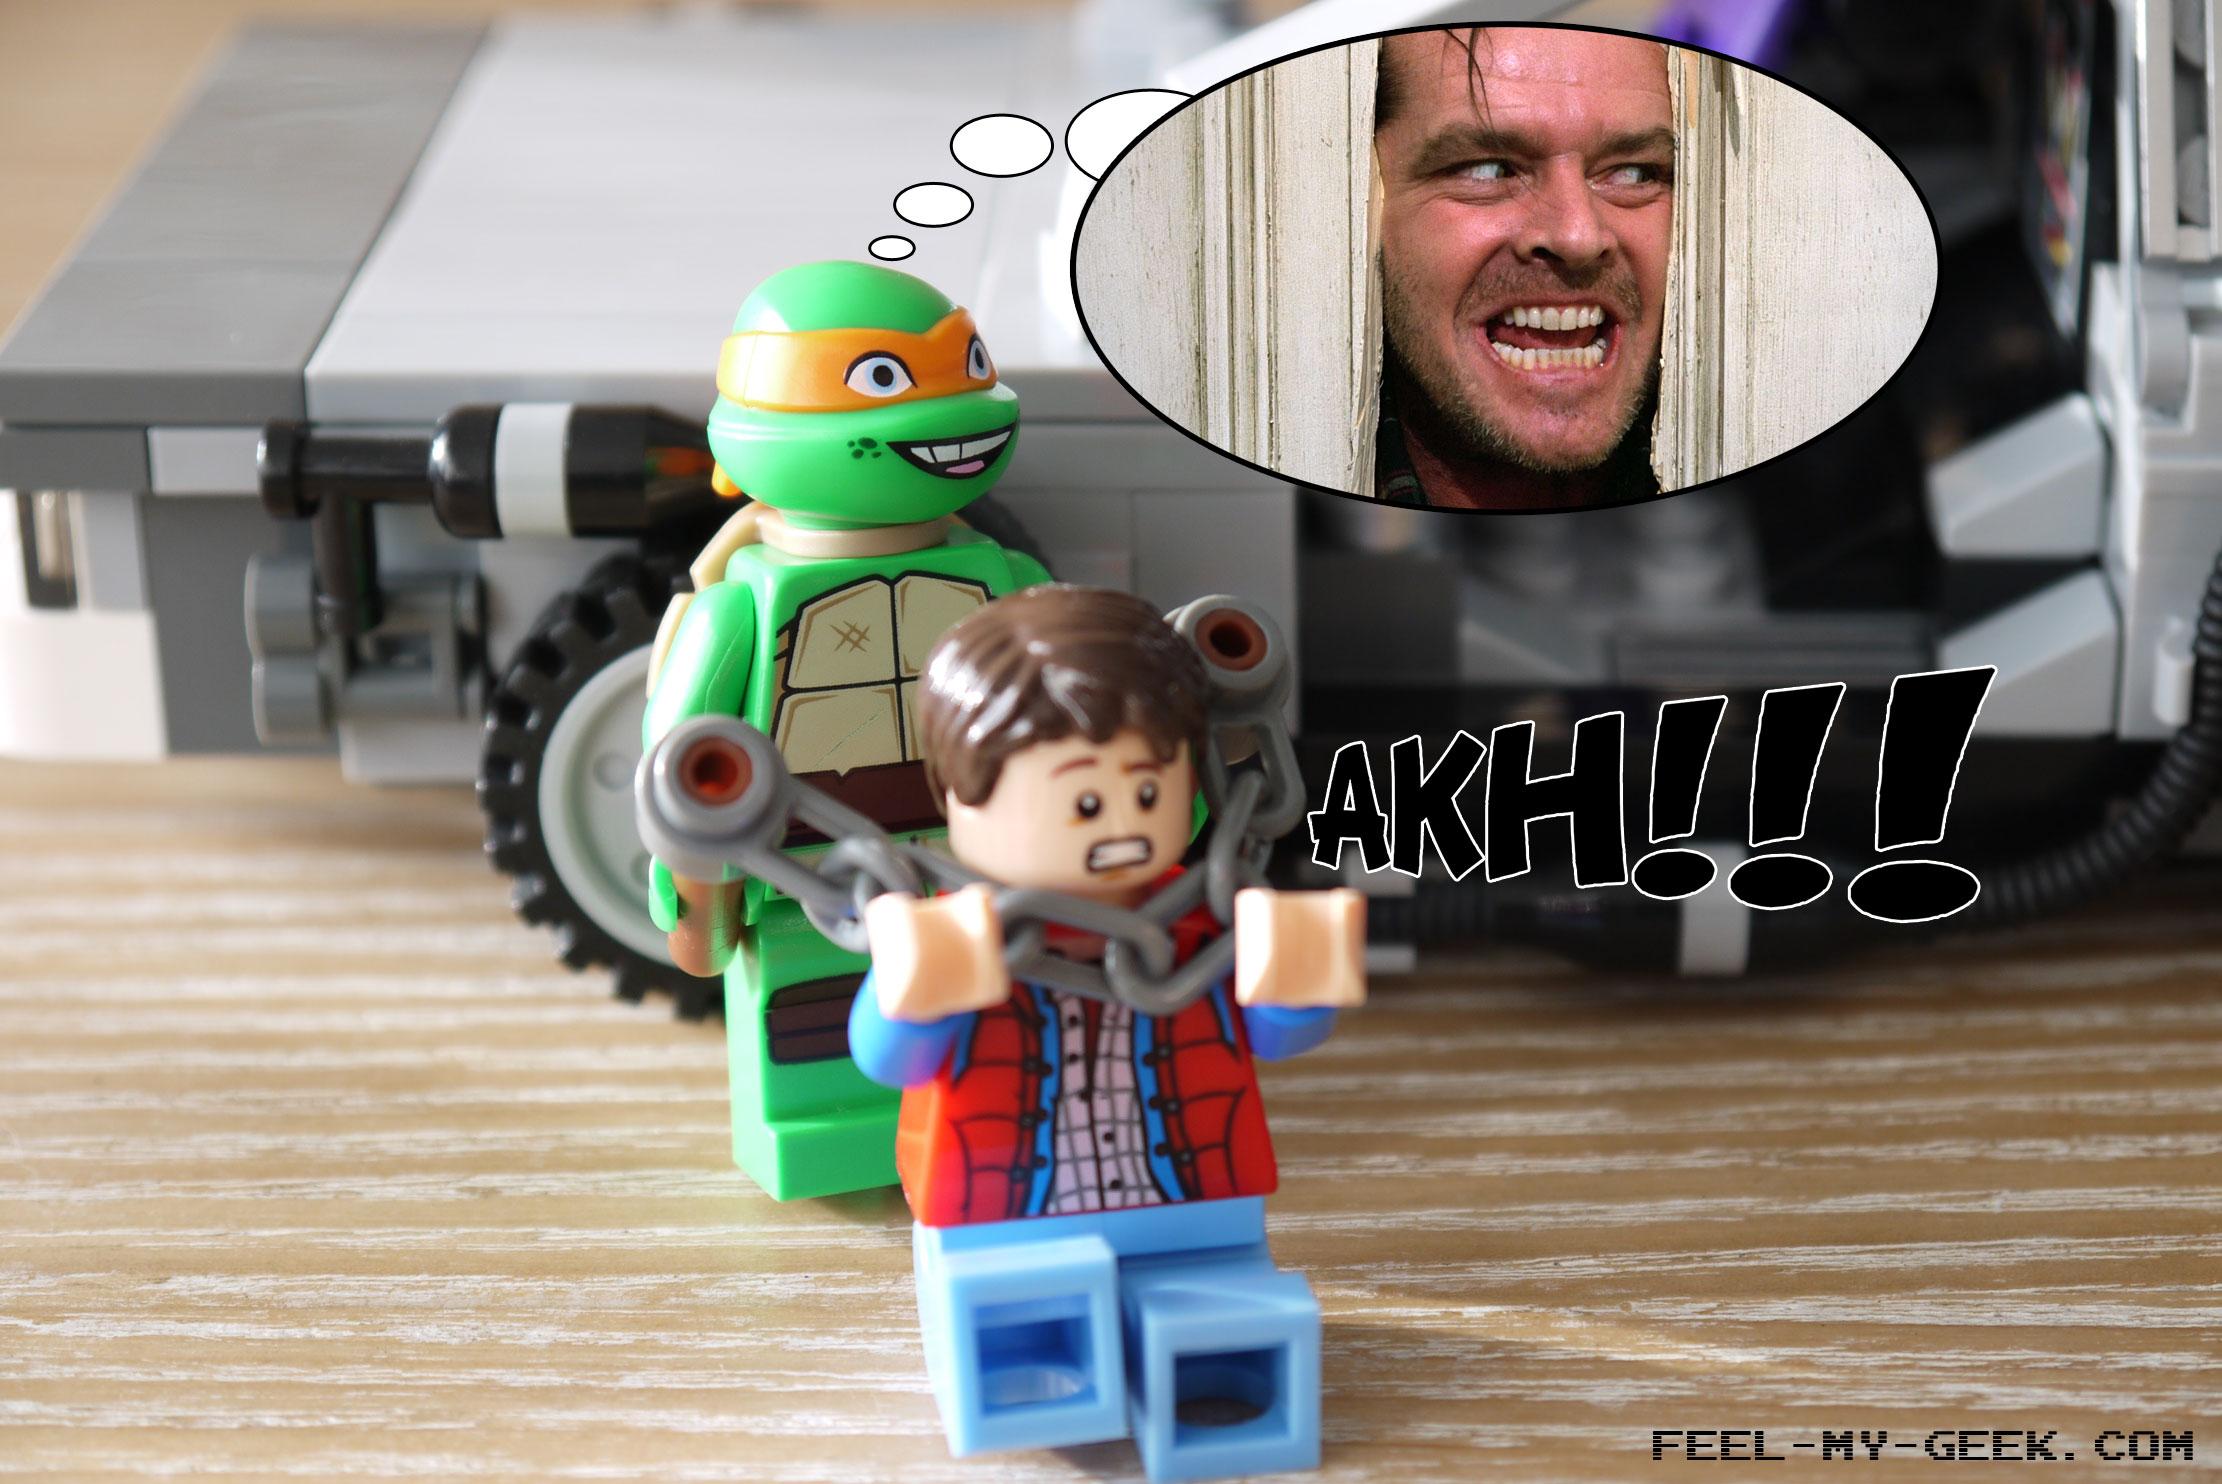 Alors qu'il tendait une main amicale à Mikey, Marty se fait violemment agresser par ce dernier, à l'aide de deux bouts de plastique assez minablement reliés par une chaine, pour ressembler à un nunchaku.